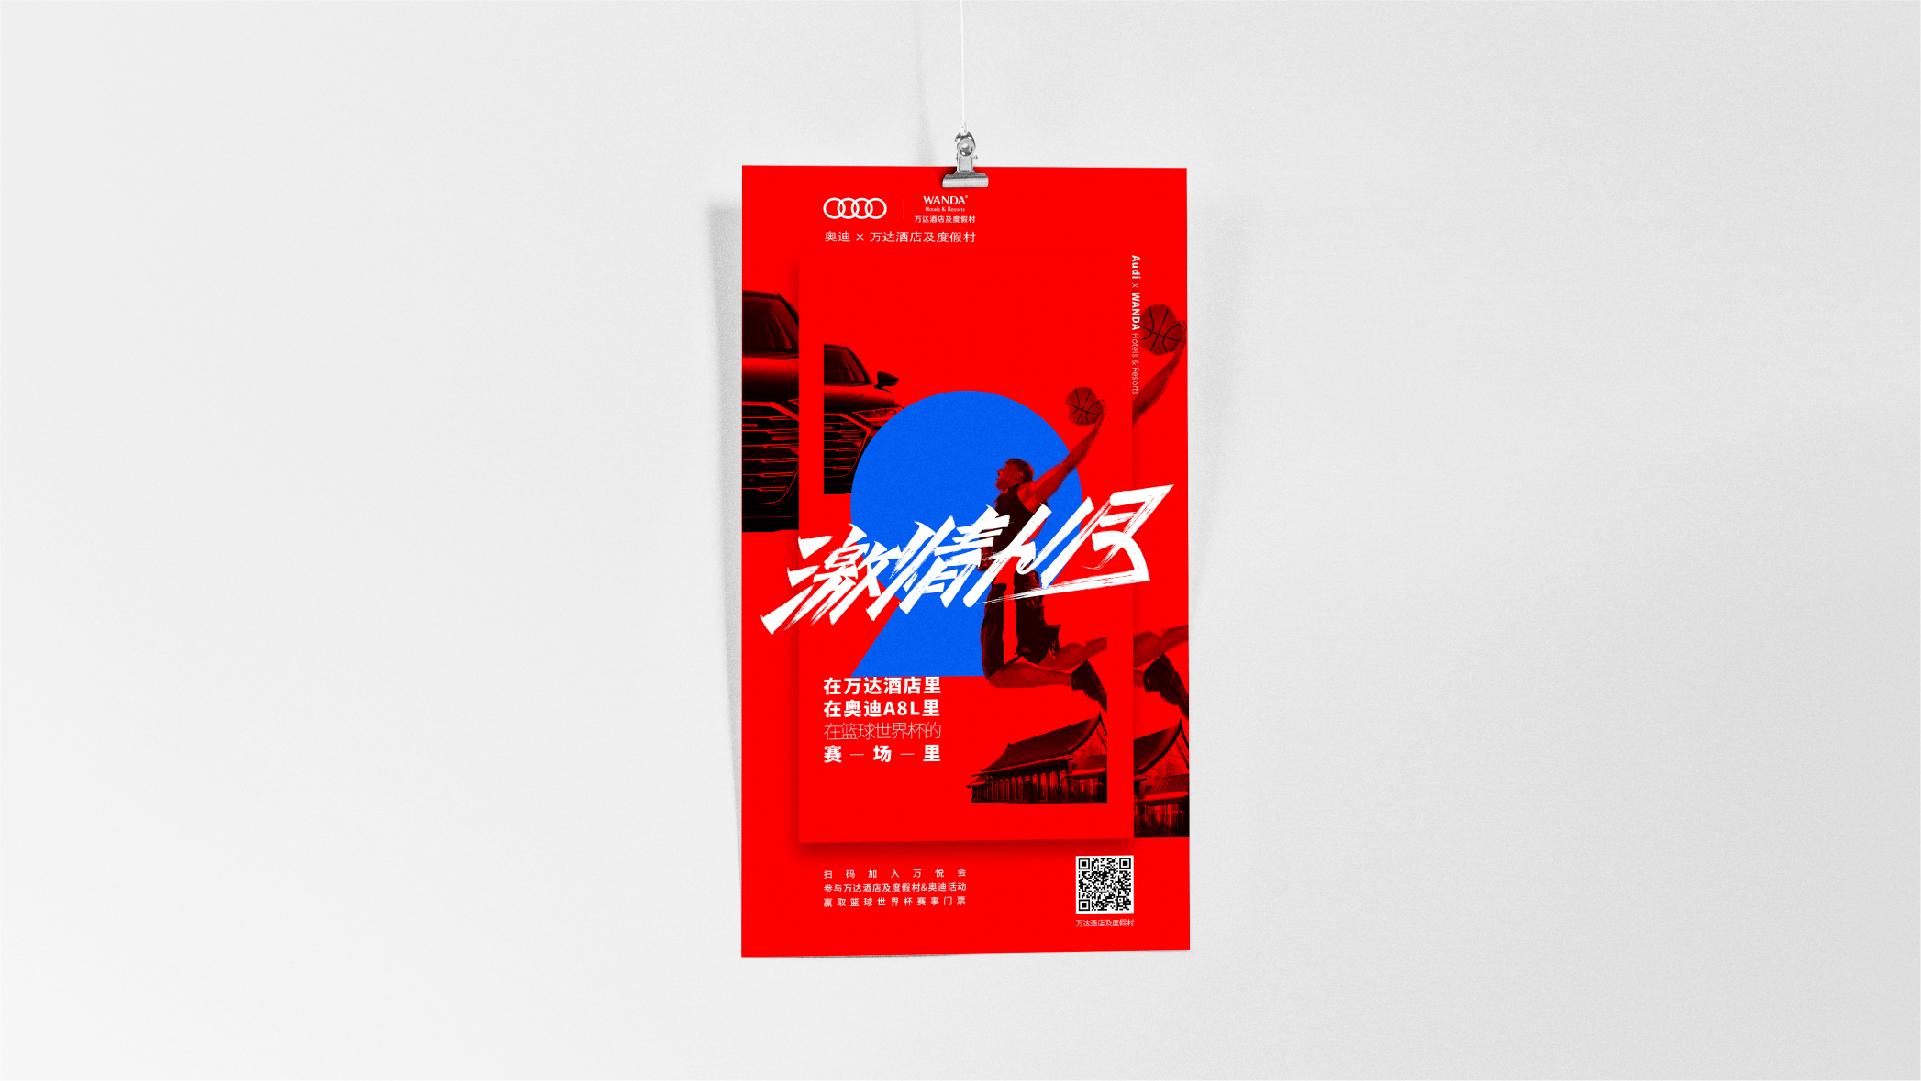 男篮世界杯主题海报设计